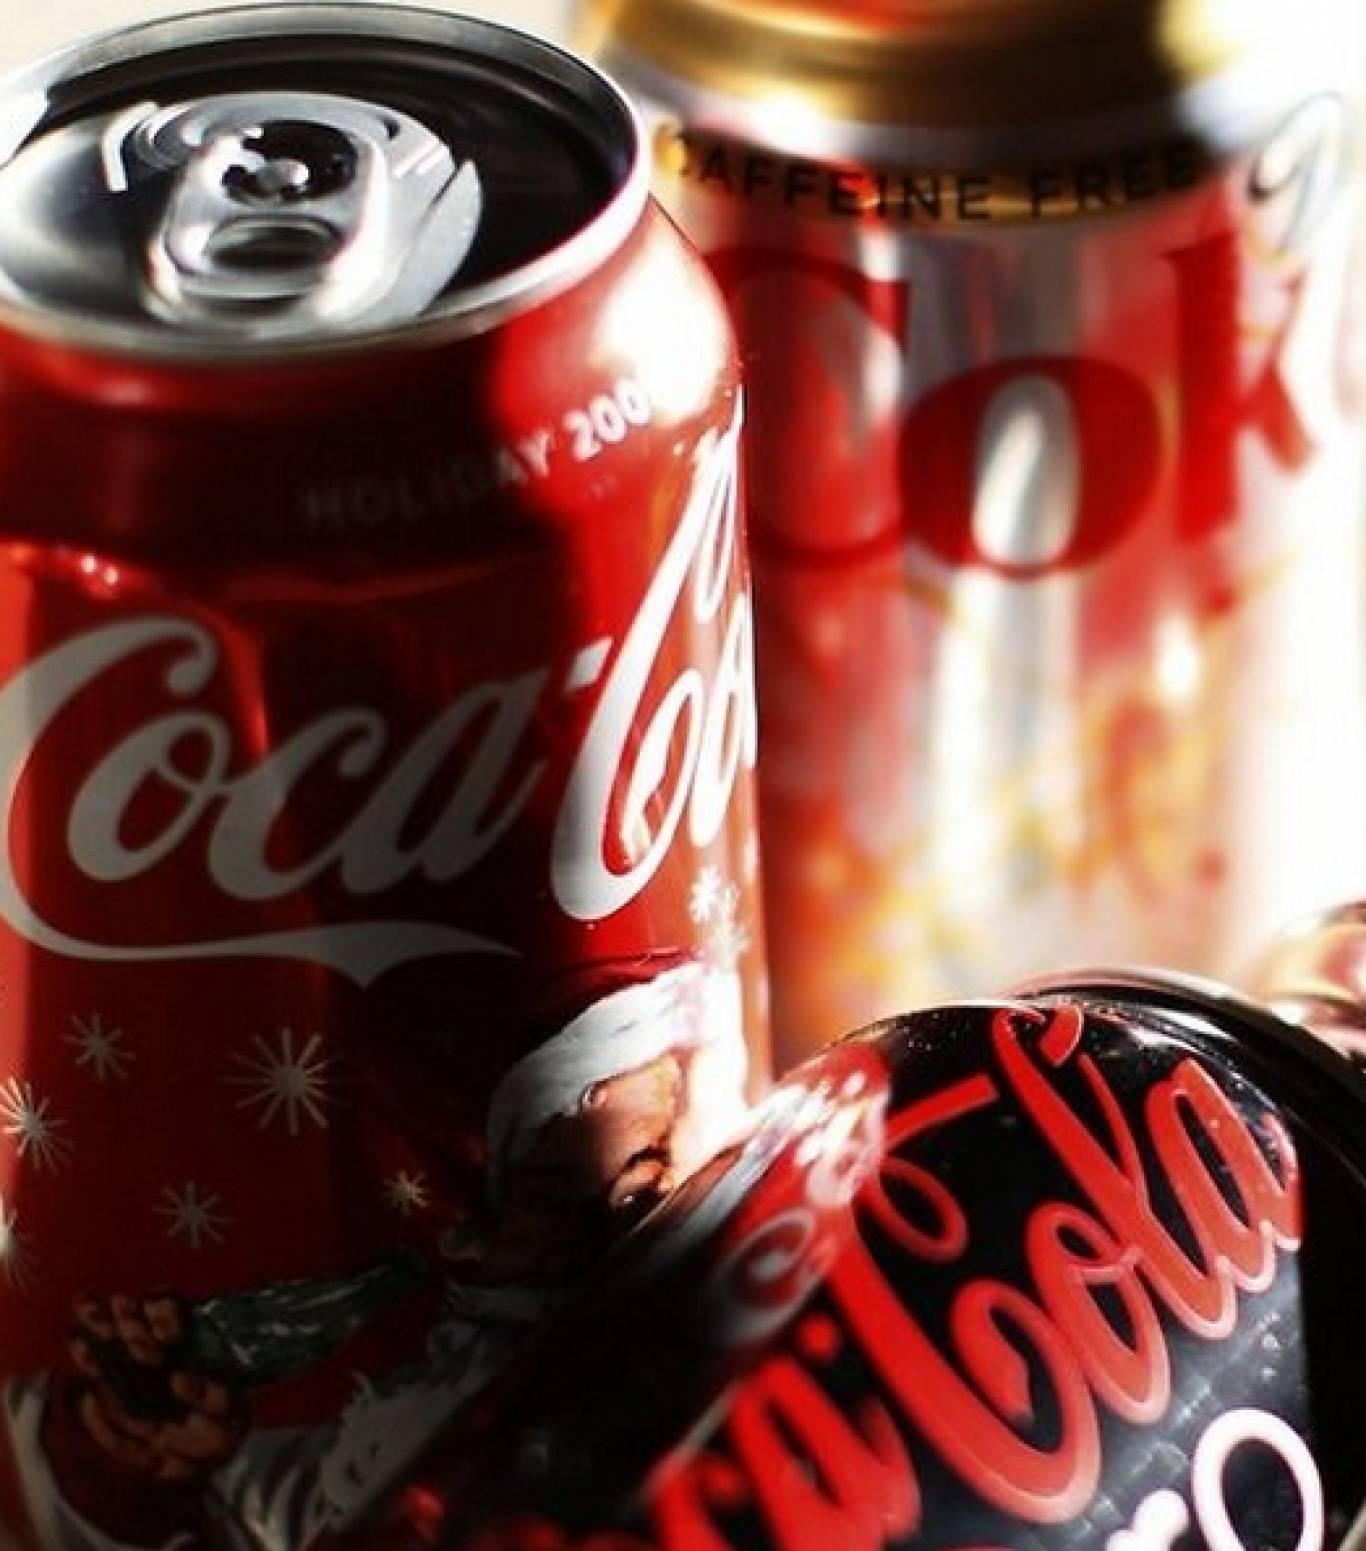 Екскурсія на завод  Coca-Сola, до музею архітектури та балет всього за 285 грн!